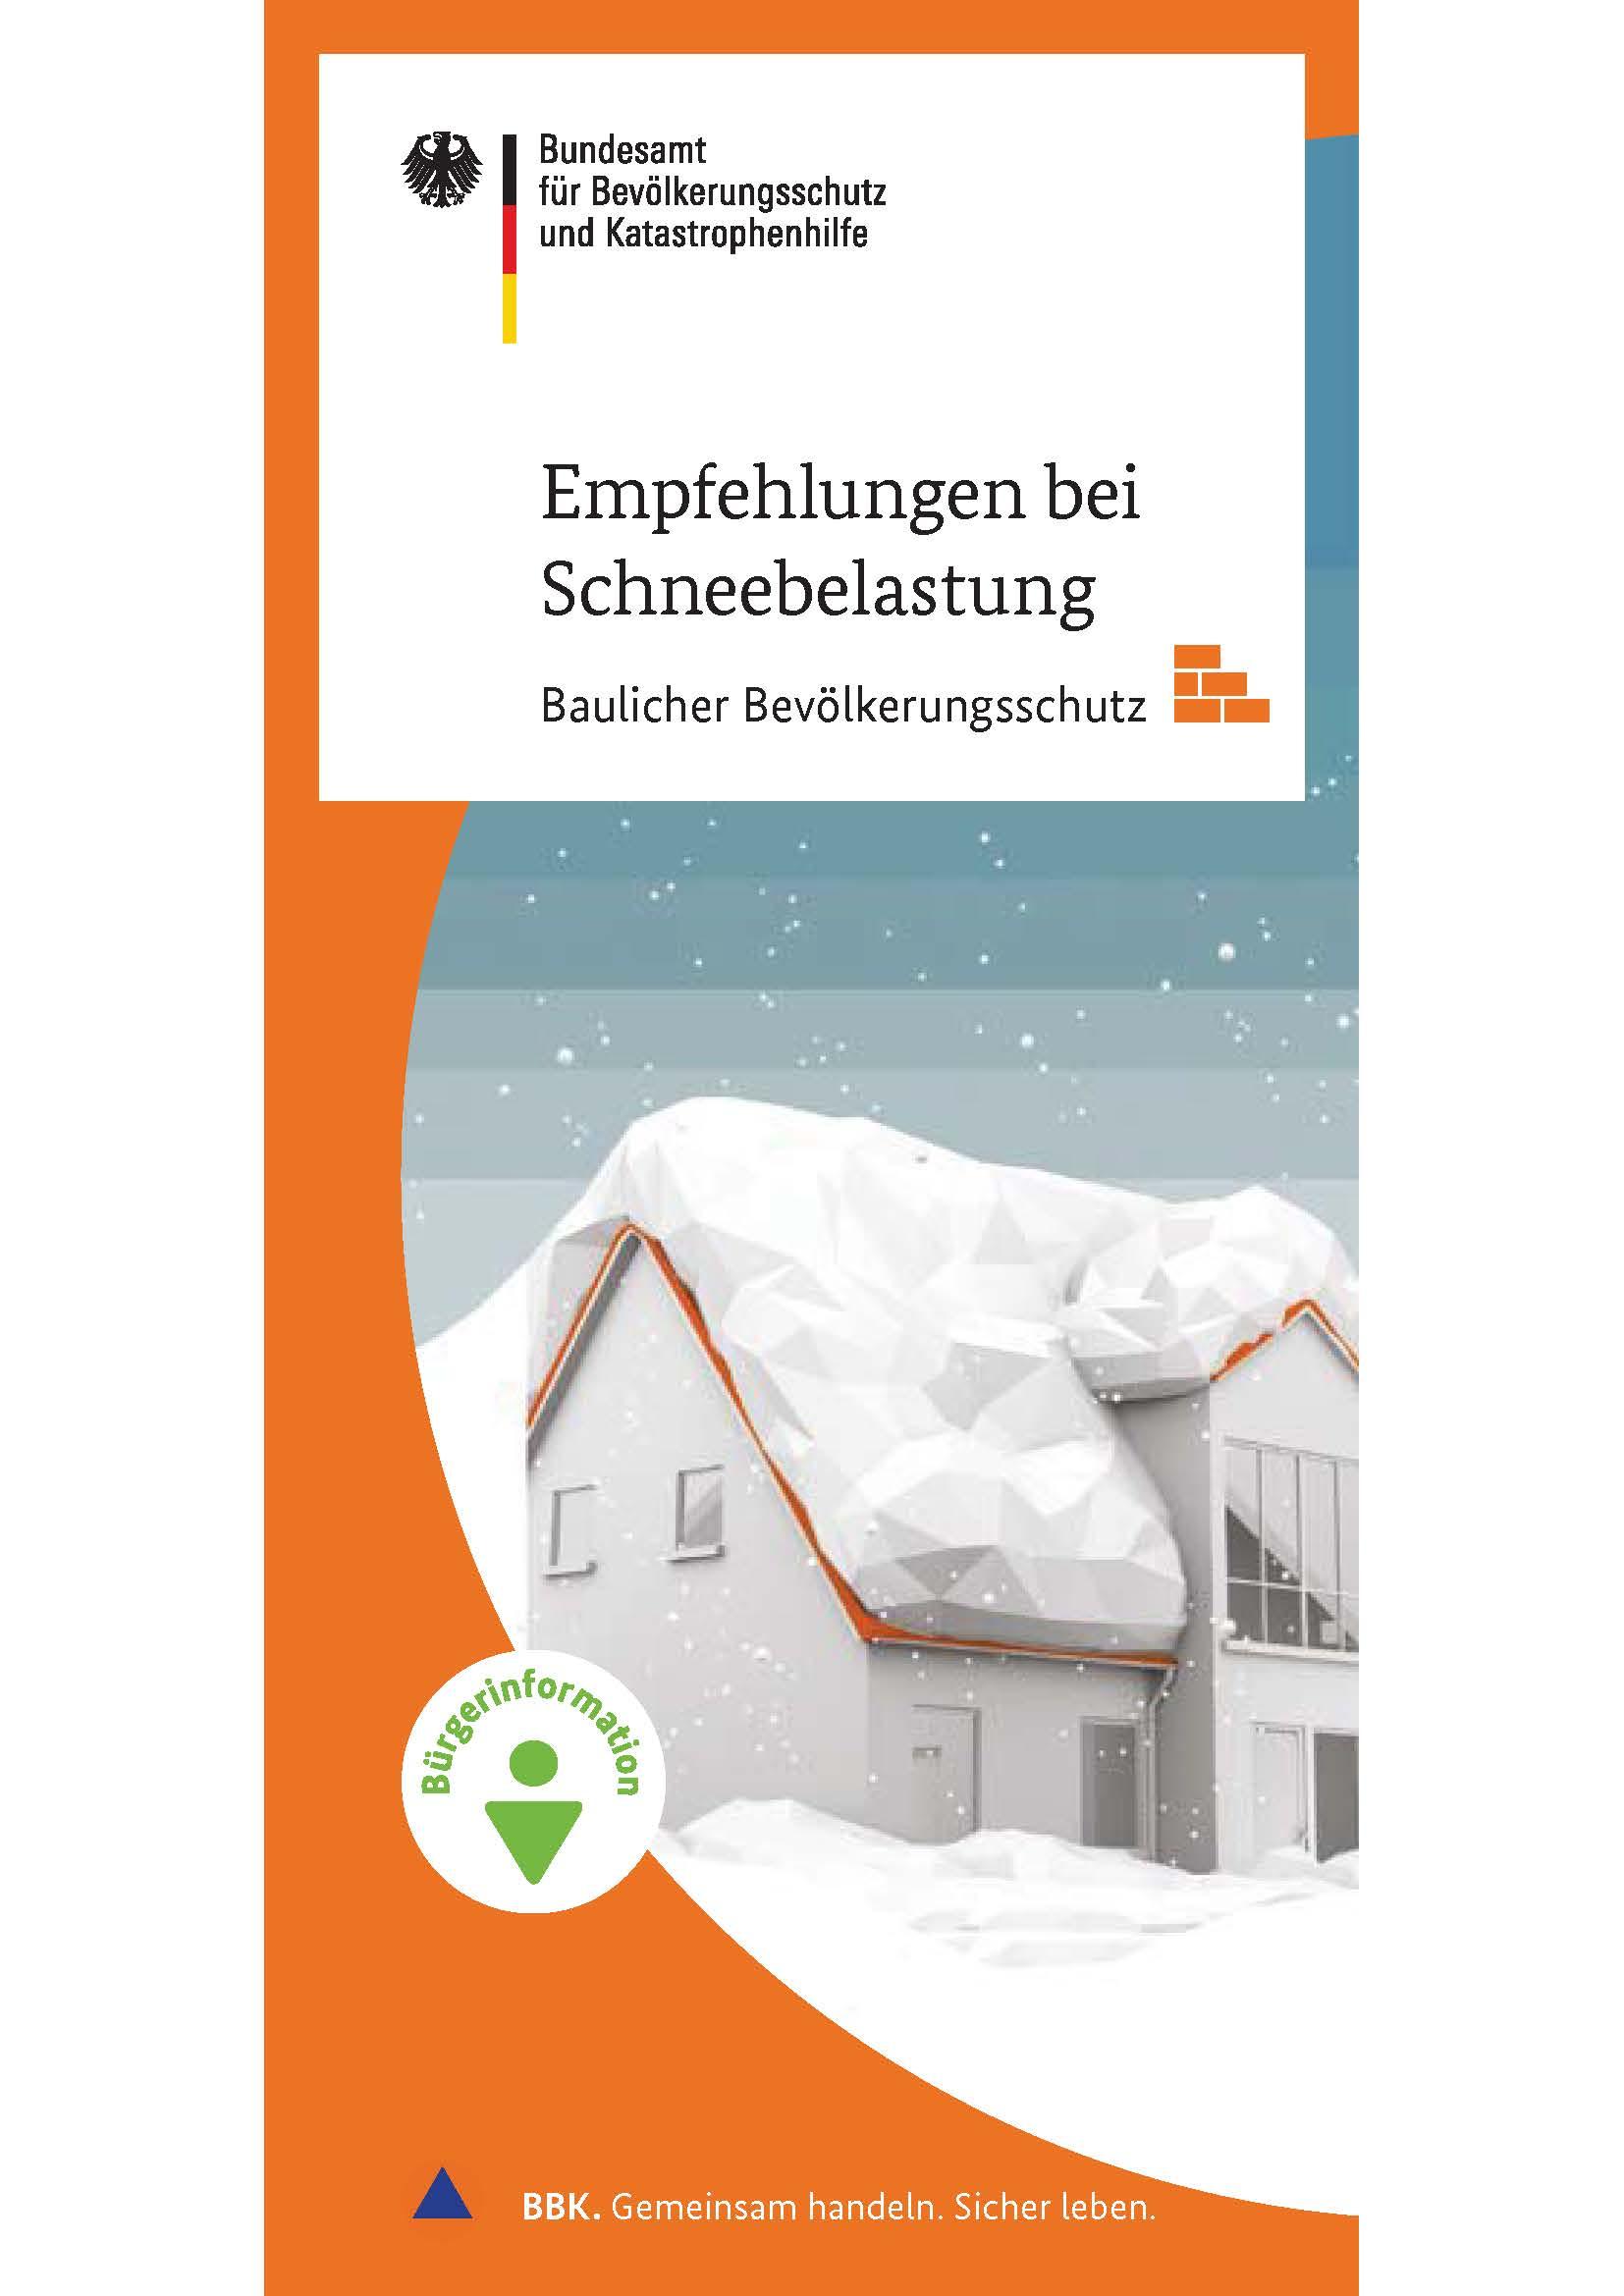 2019_Empfehlungen bei Schneebelastung.jpg